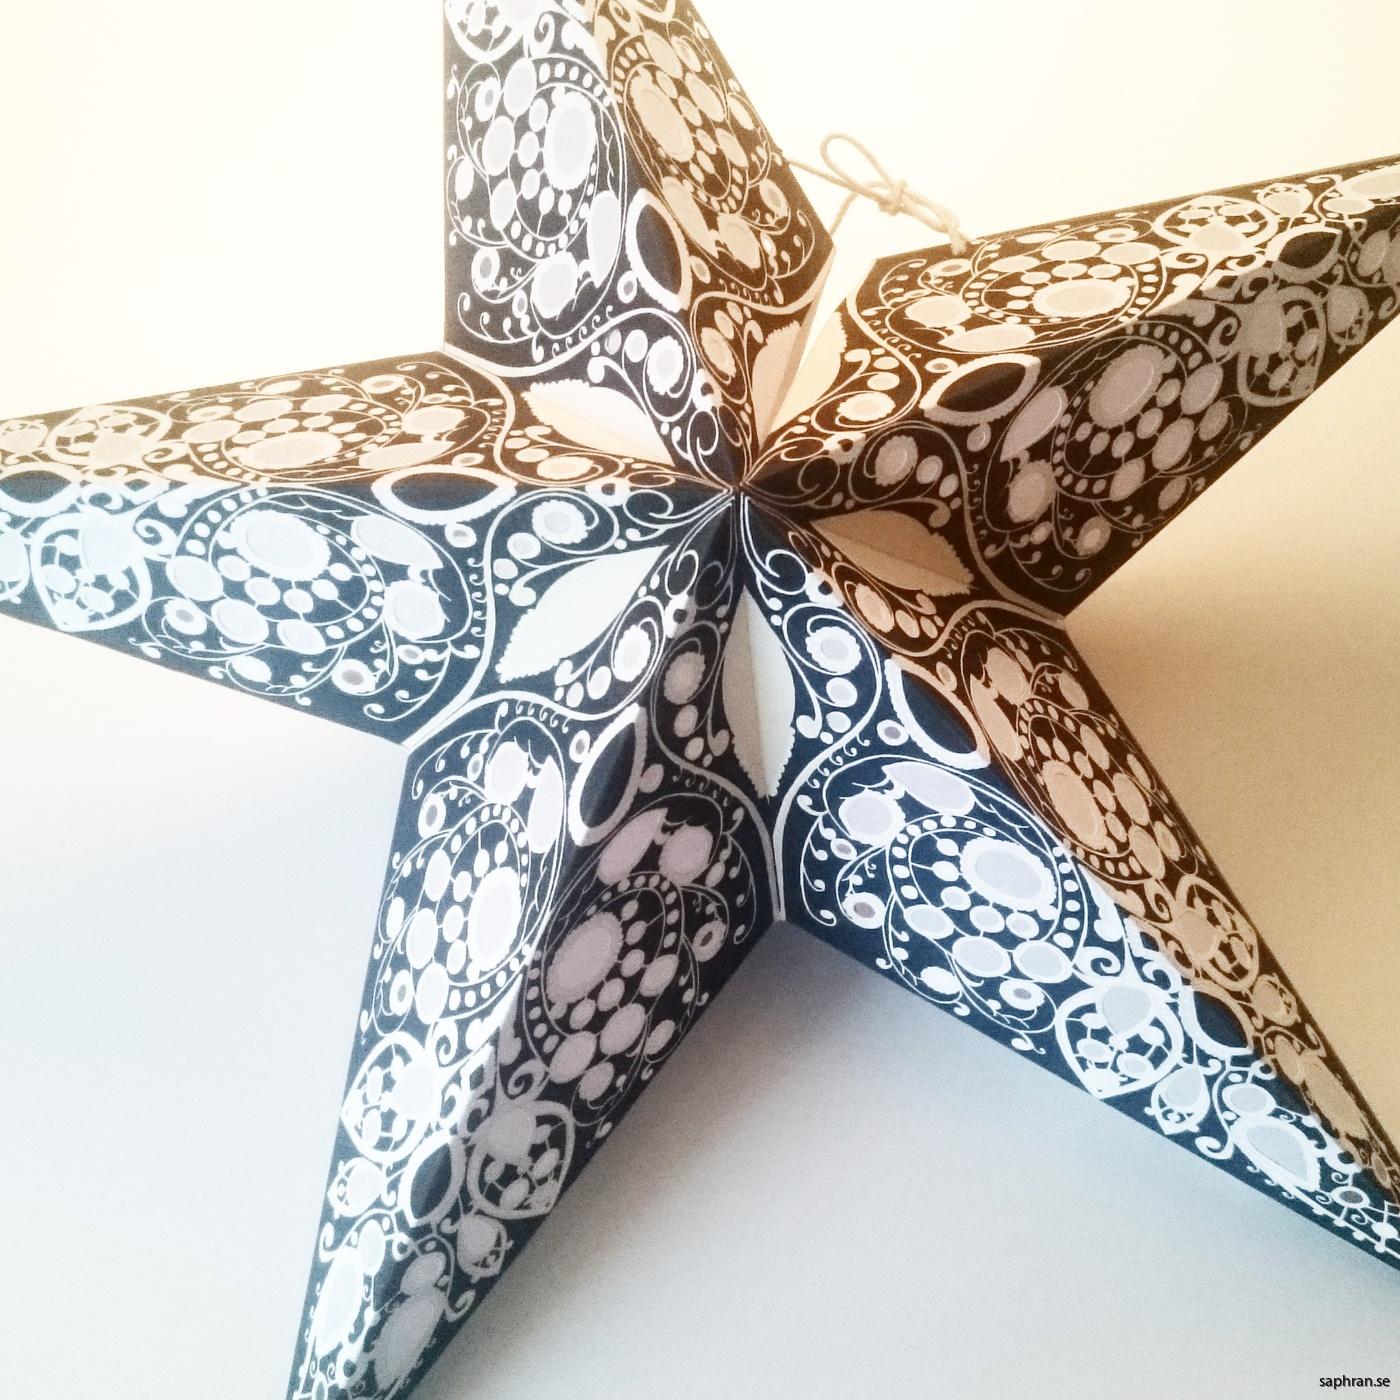 Orientalisk mönstrad julstjärna/adventsstjärna i papper. Tillverkad i Indien